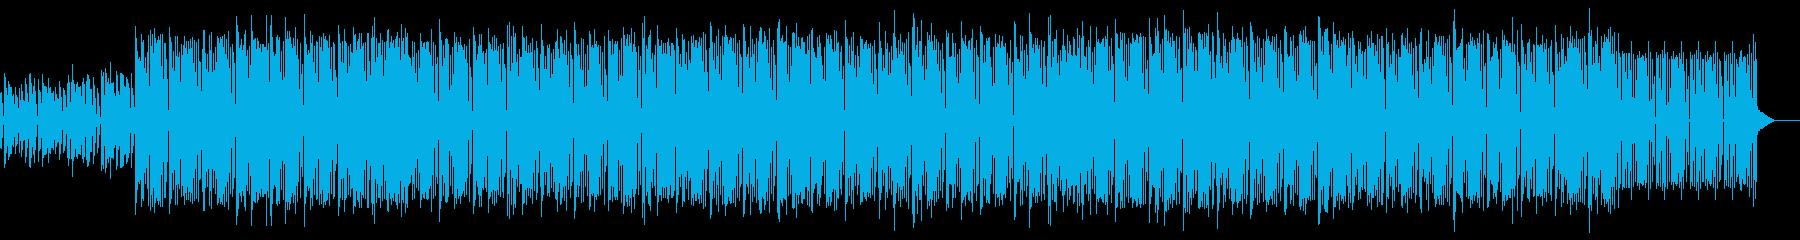 哀愁漂うエレクトロポップの再生済みの波形